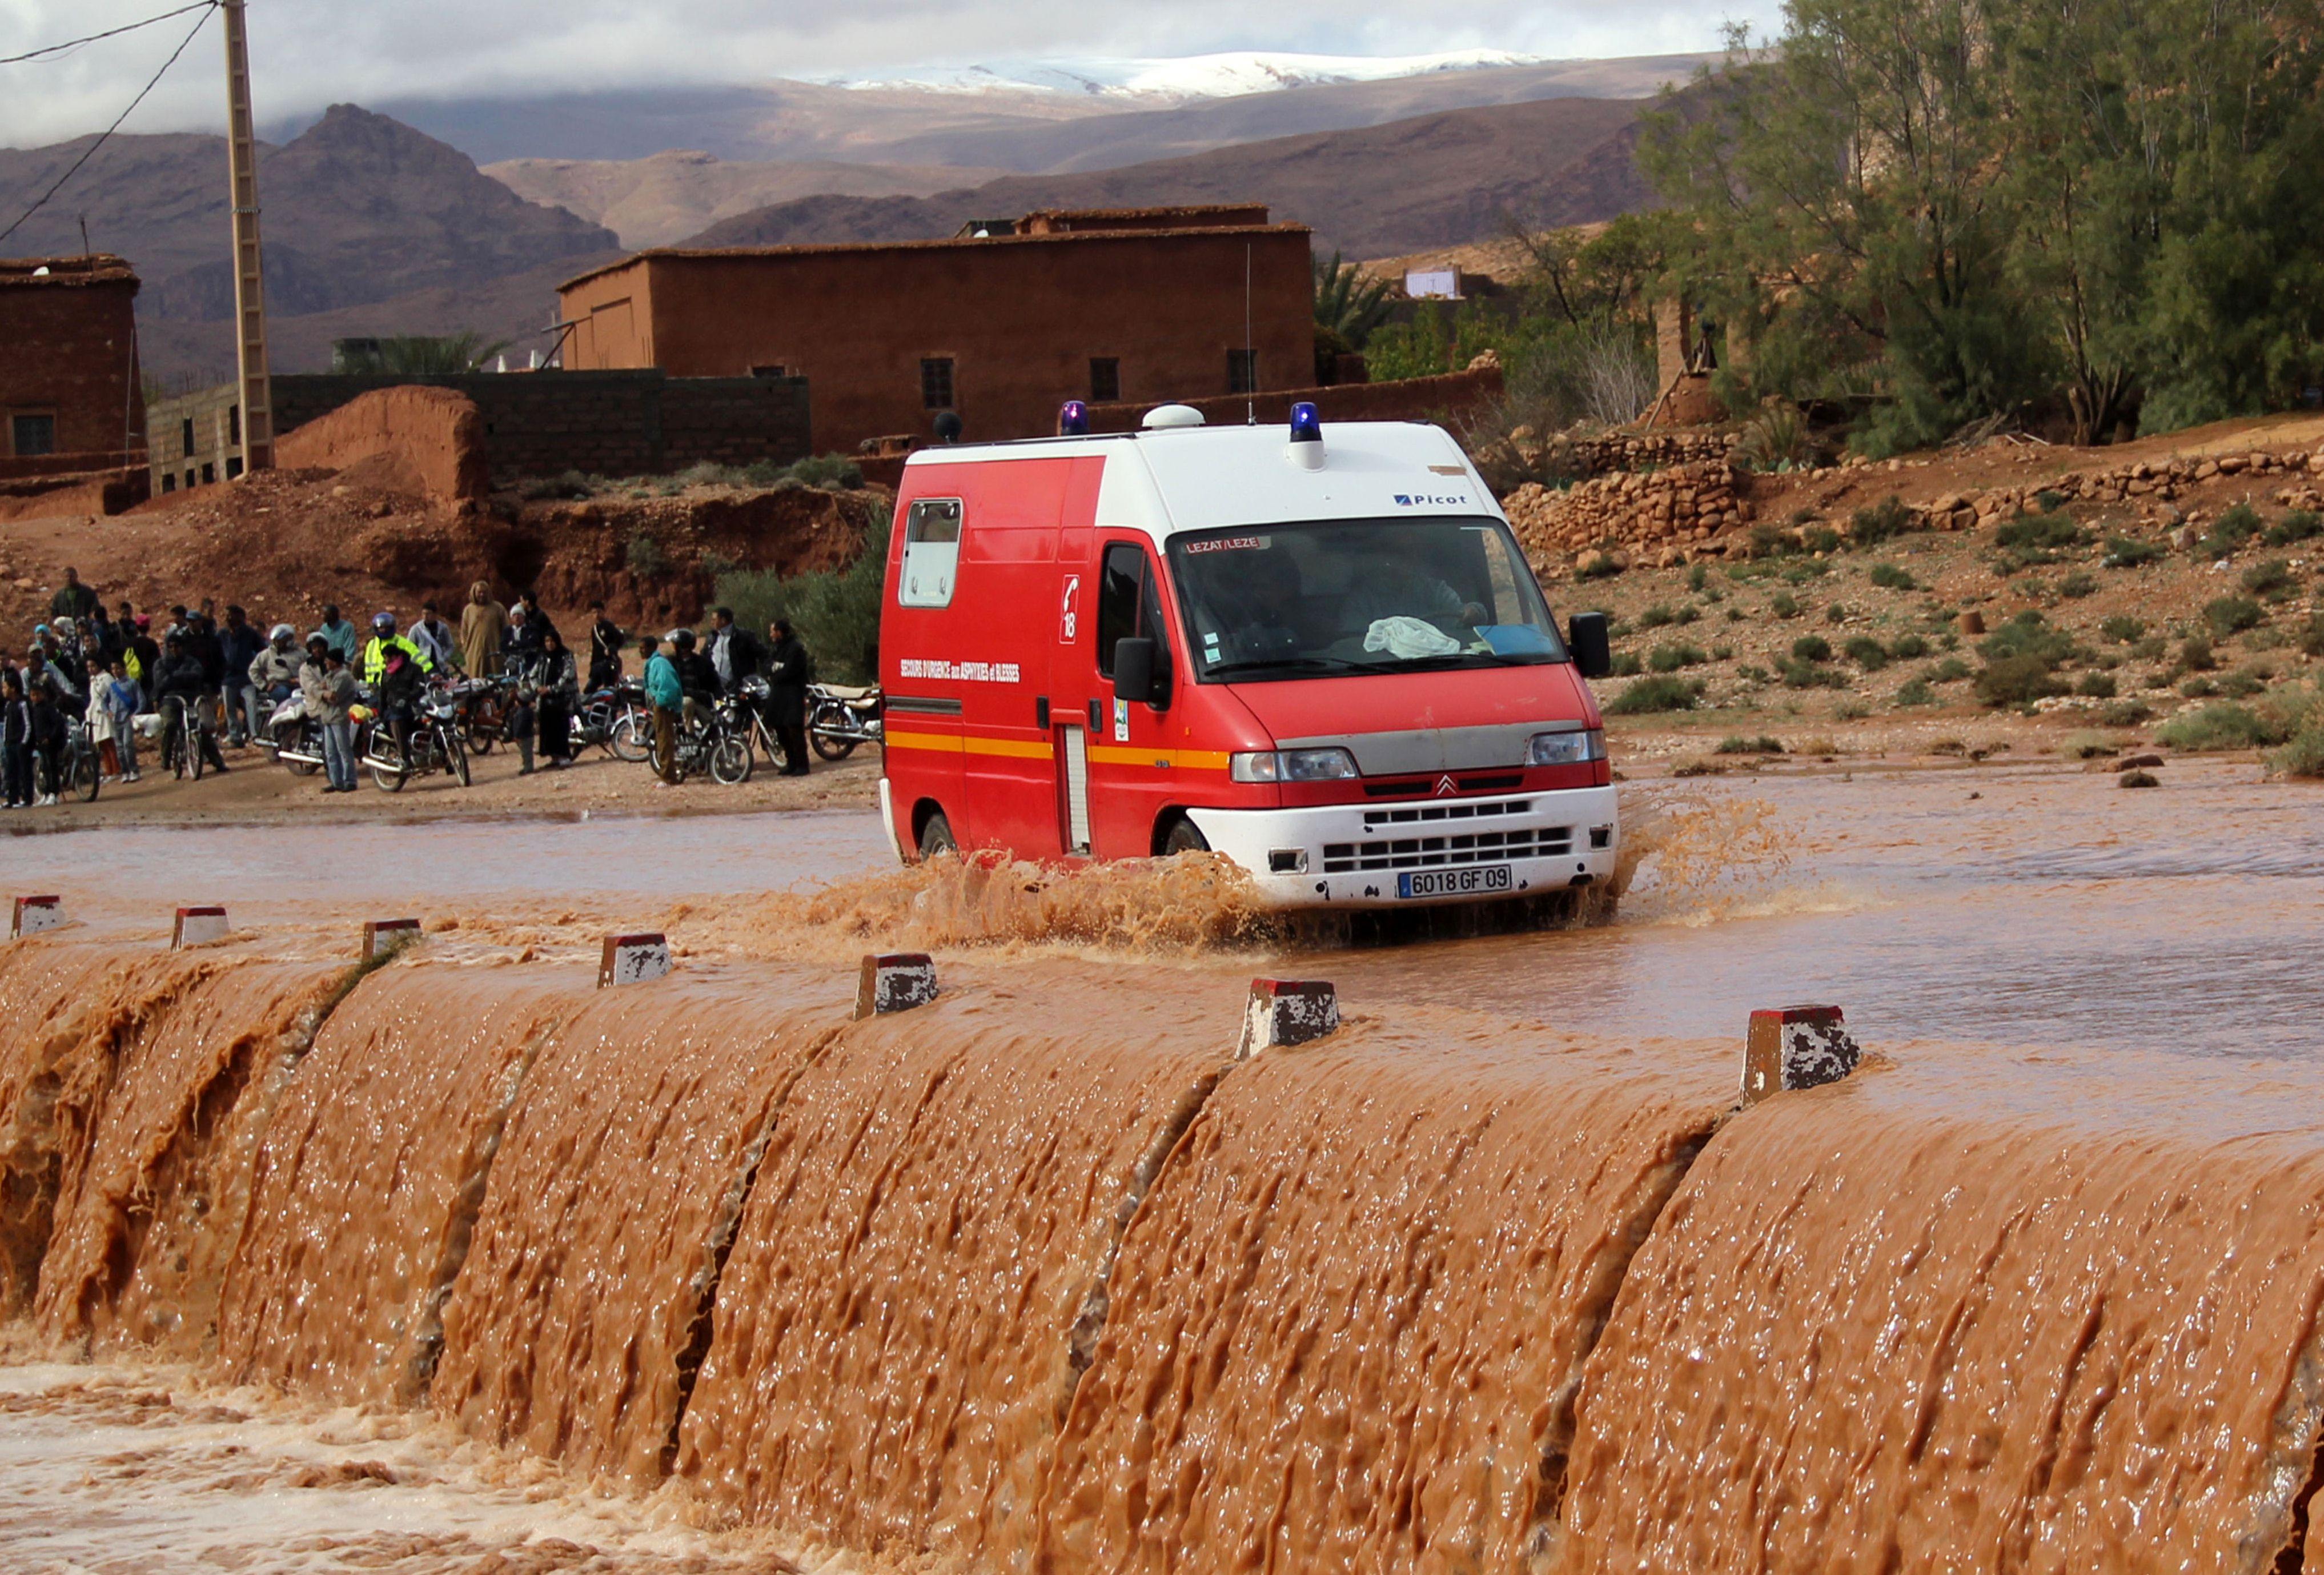 الوردي يجند 169 طبيبا للمناطق المتضررة من الفيضانات